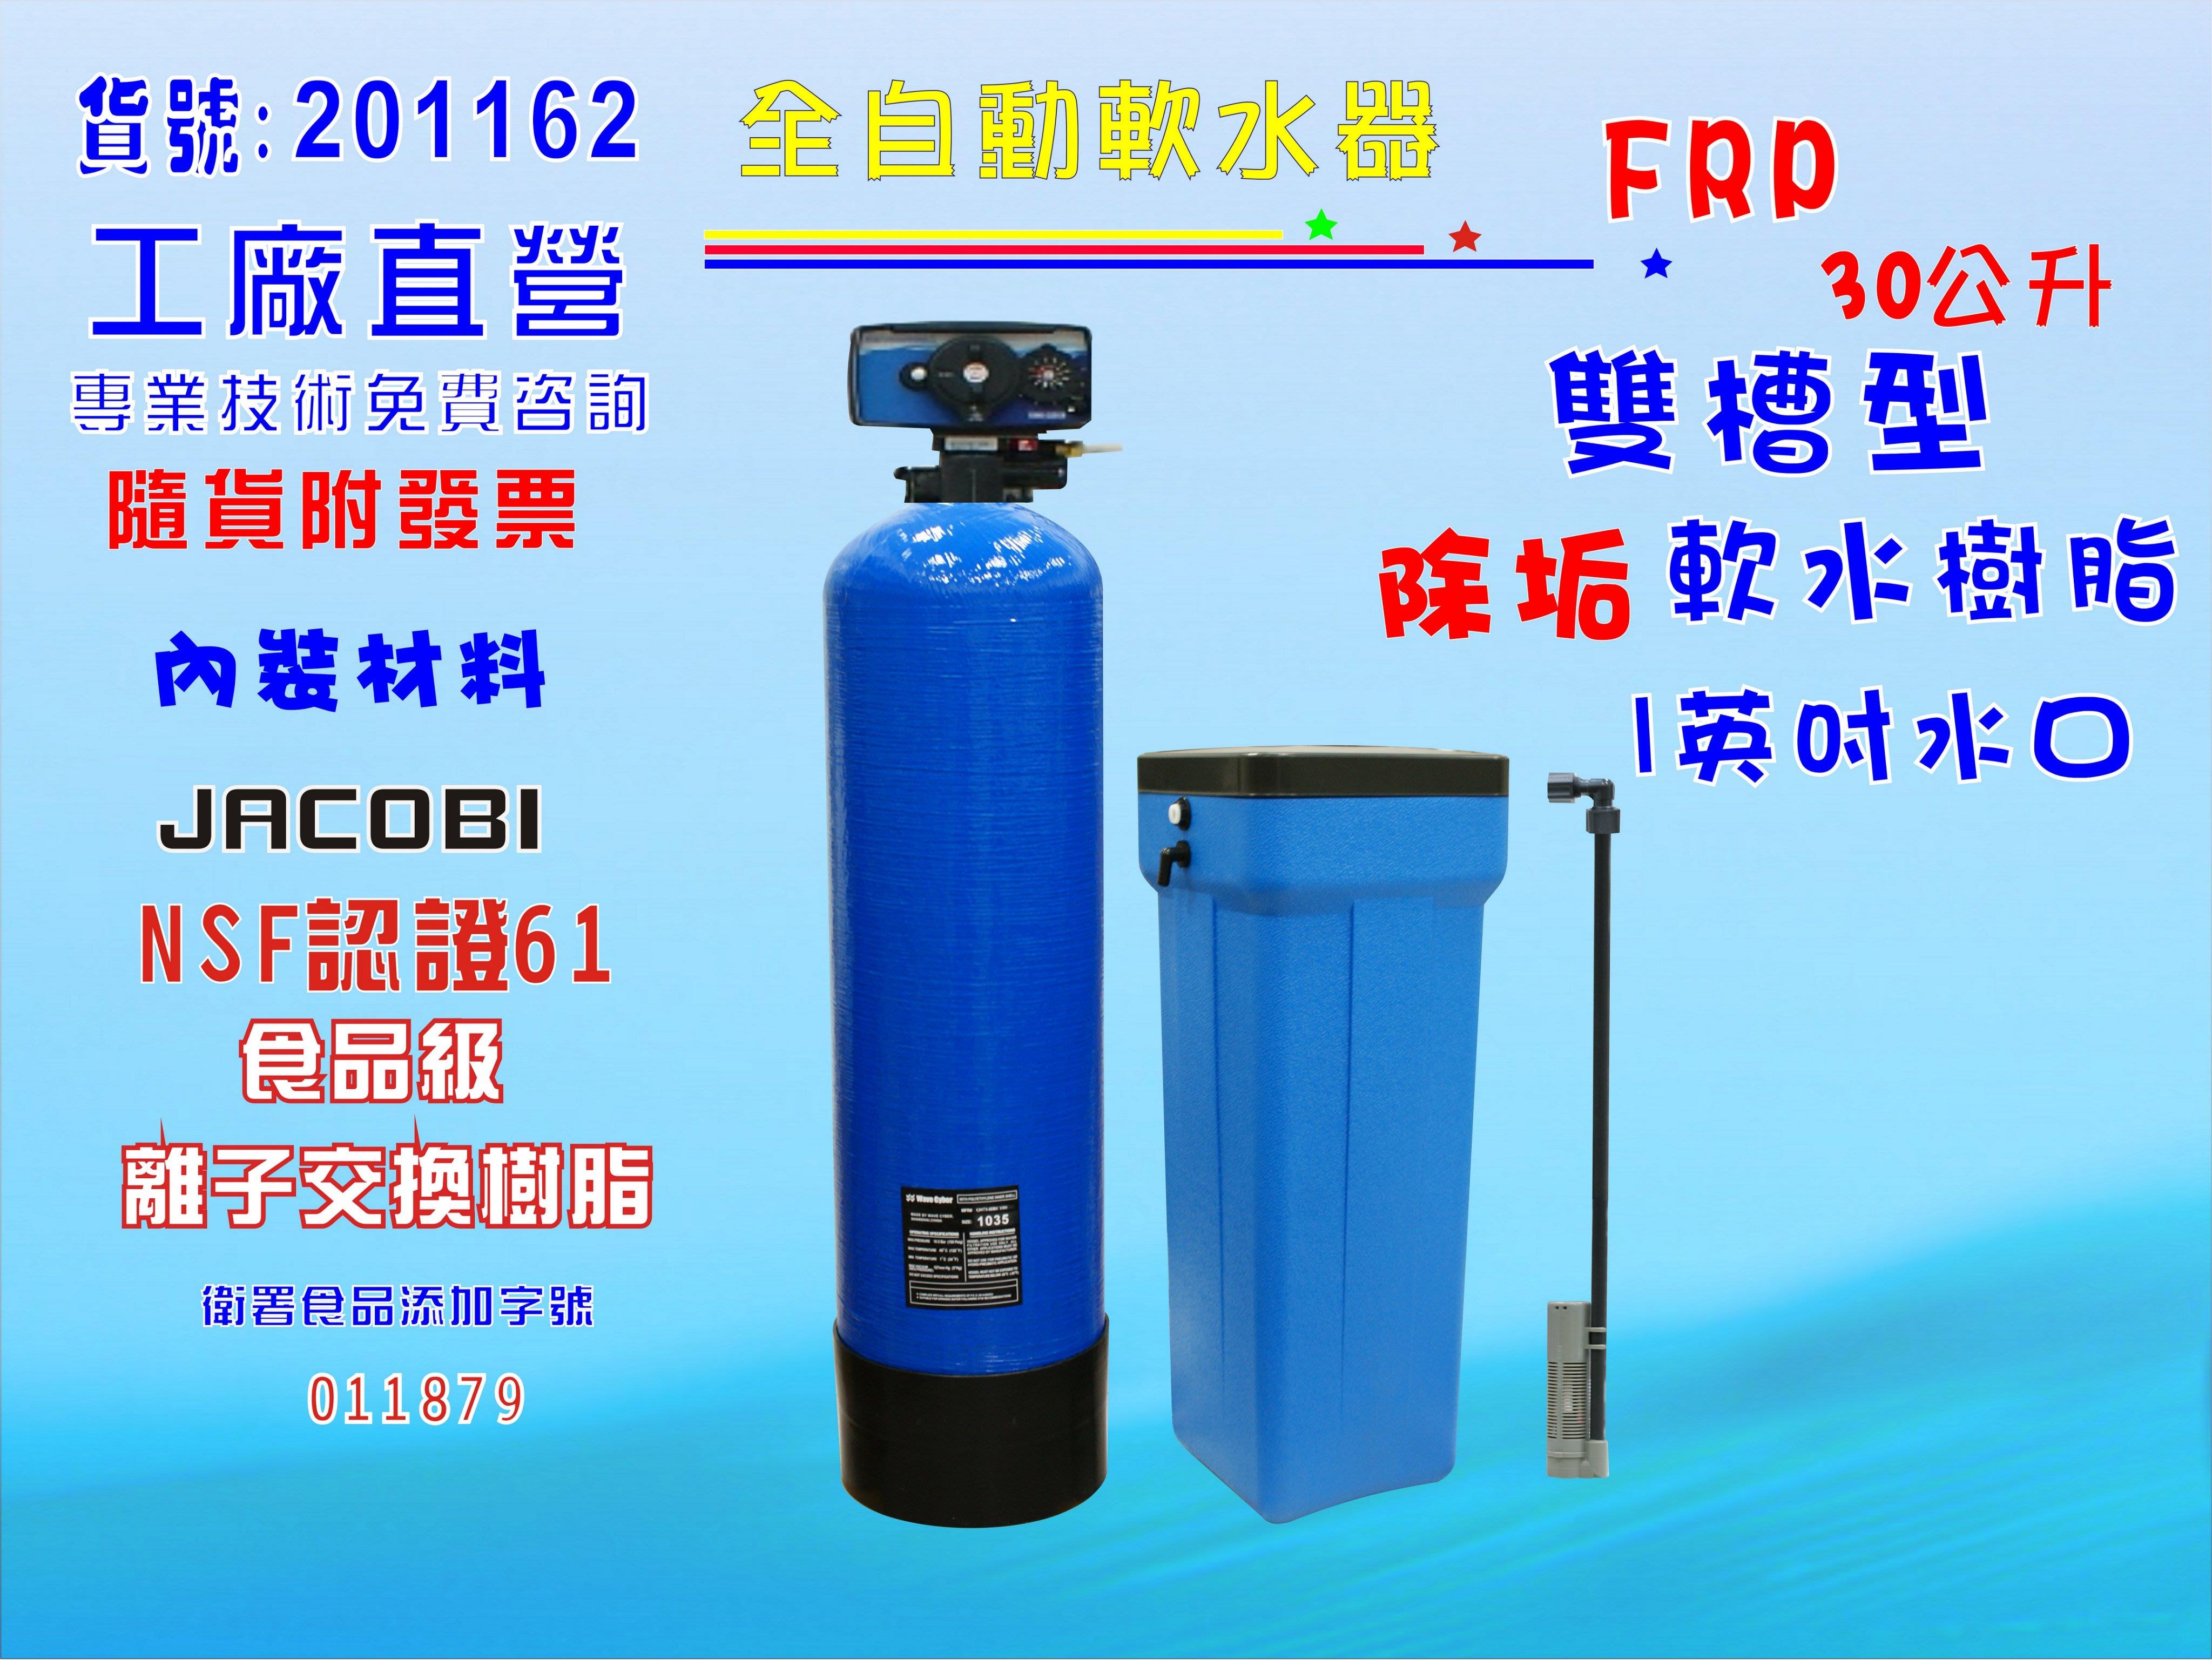 30公升全自動控制軟水器餐飲濾水器淨水器飲水機 RO純水機地下水處理.貨號:201162【七星洋淨水】